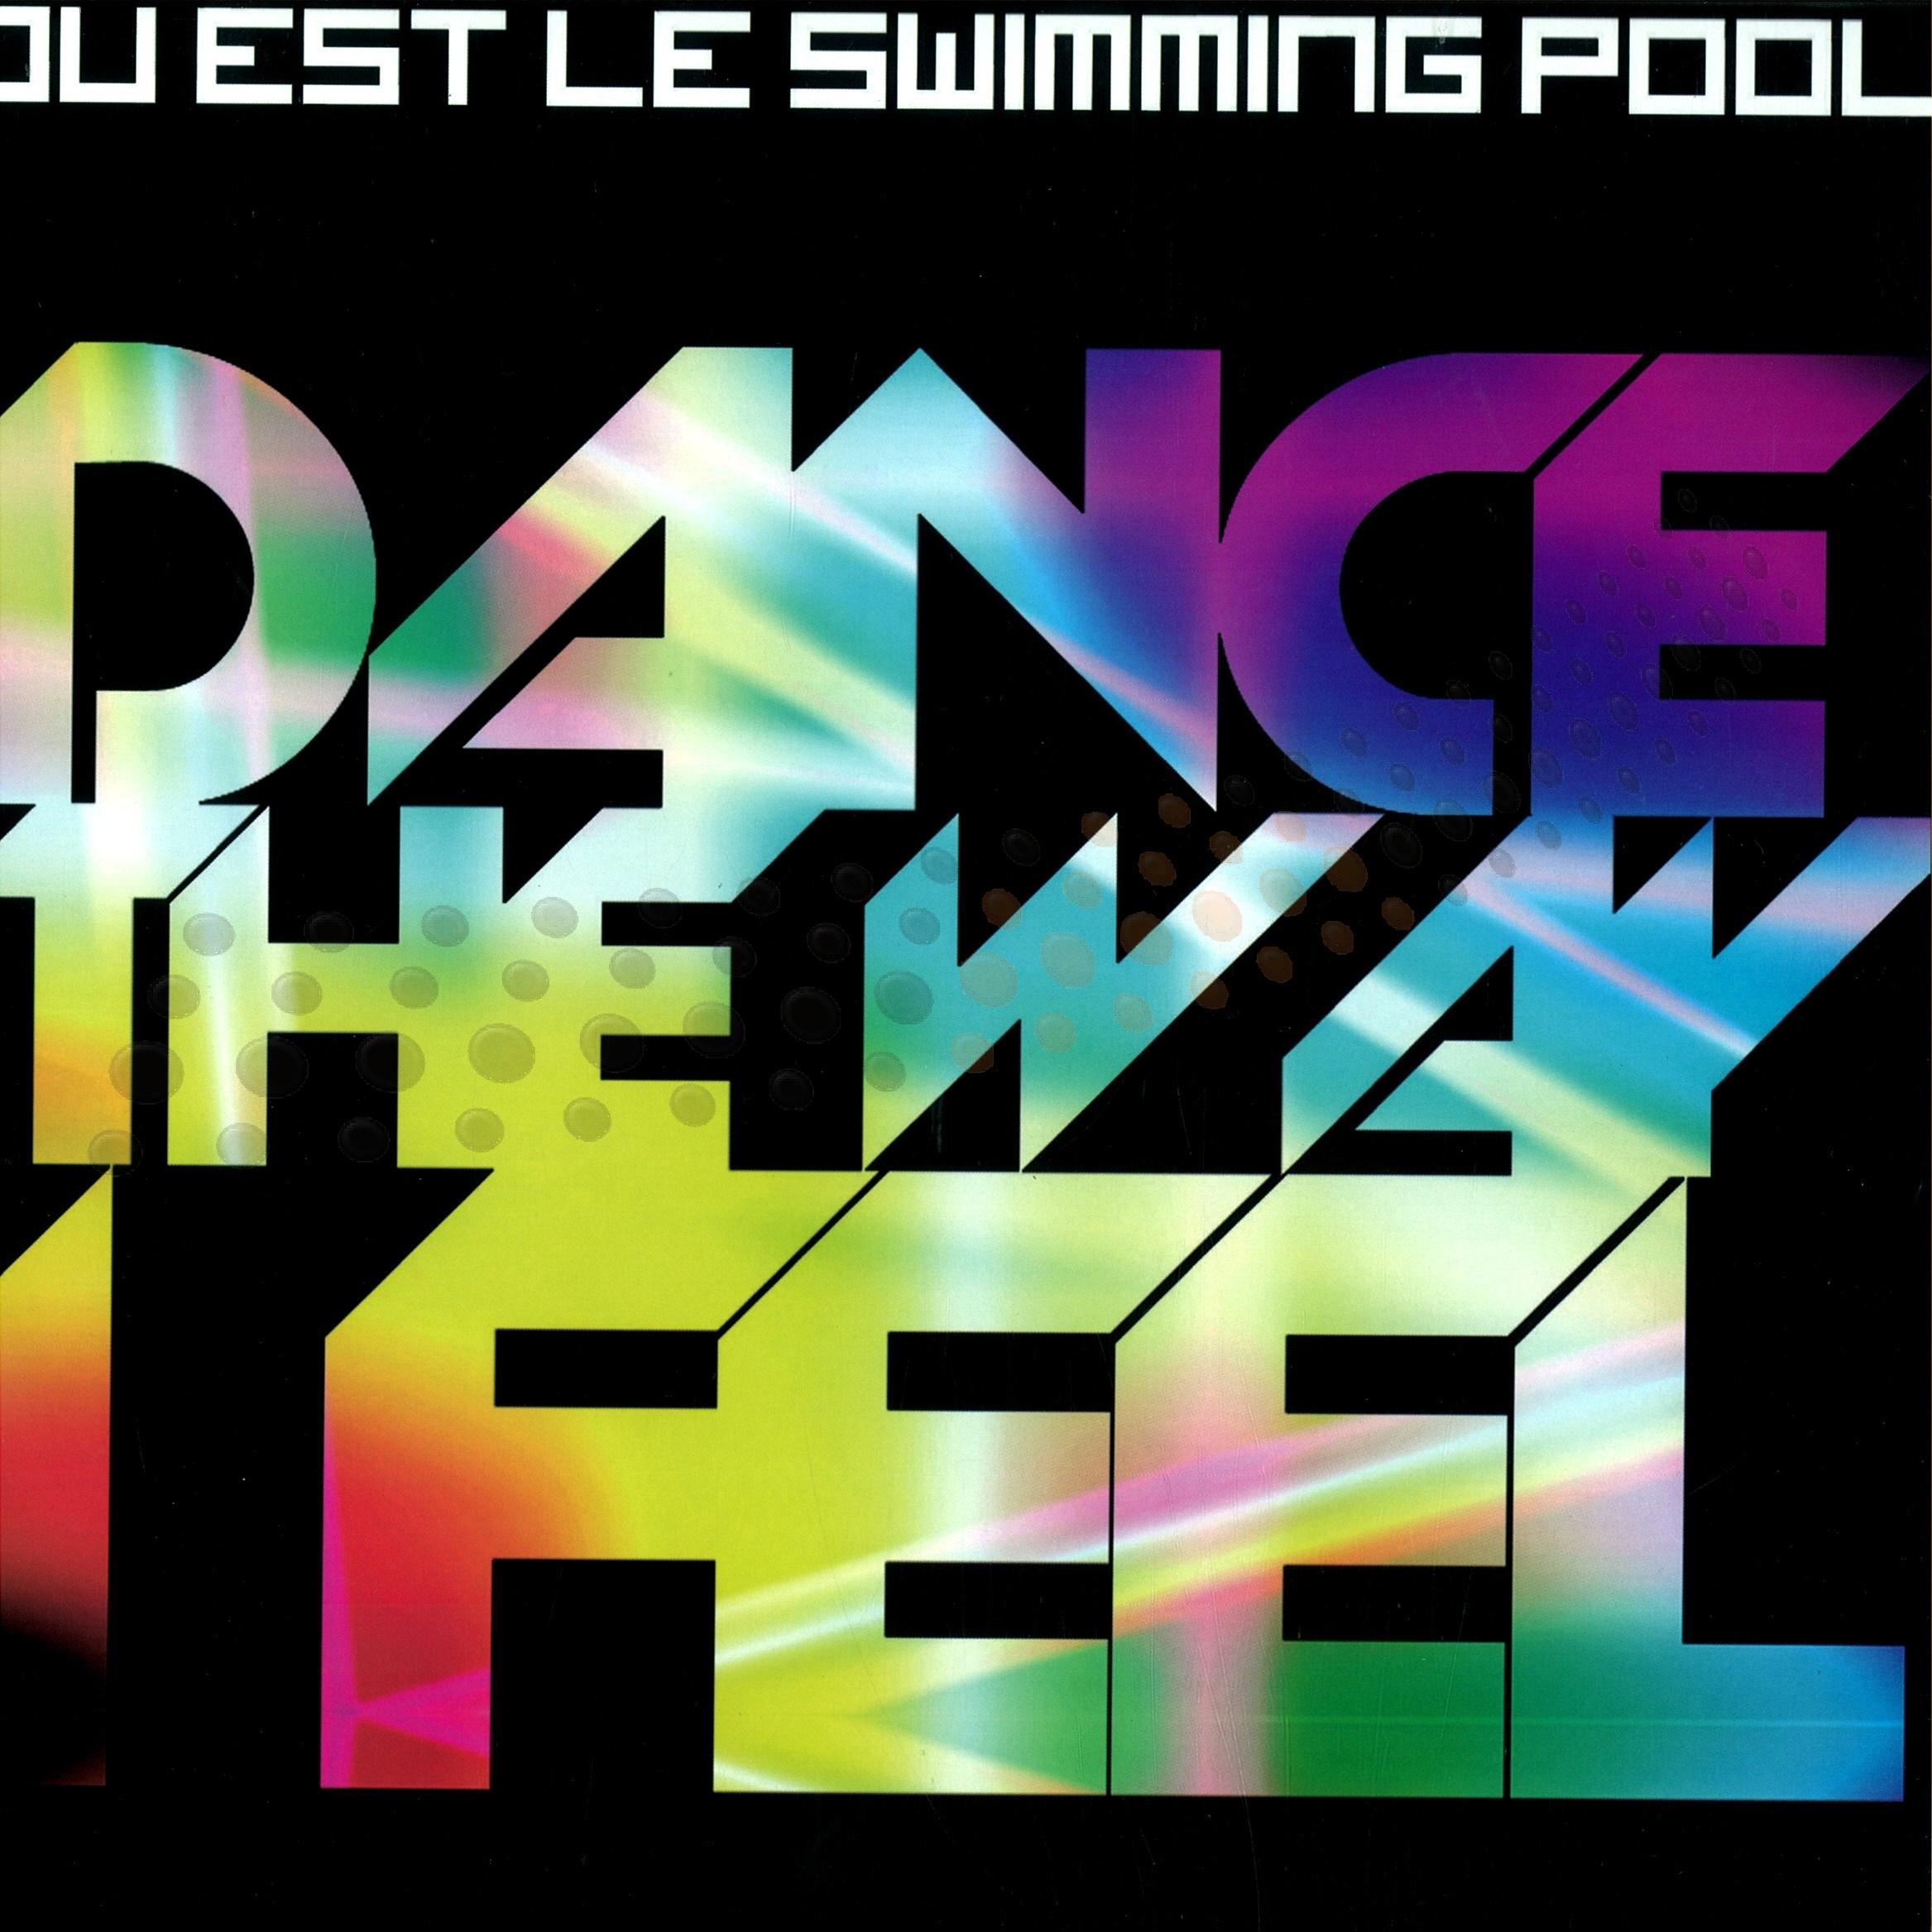 actualit s electroniques en ou est le swimming pool dance the way i feel armand van